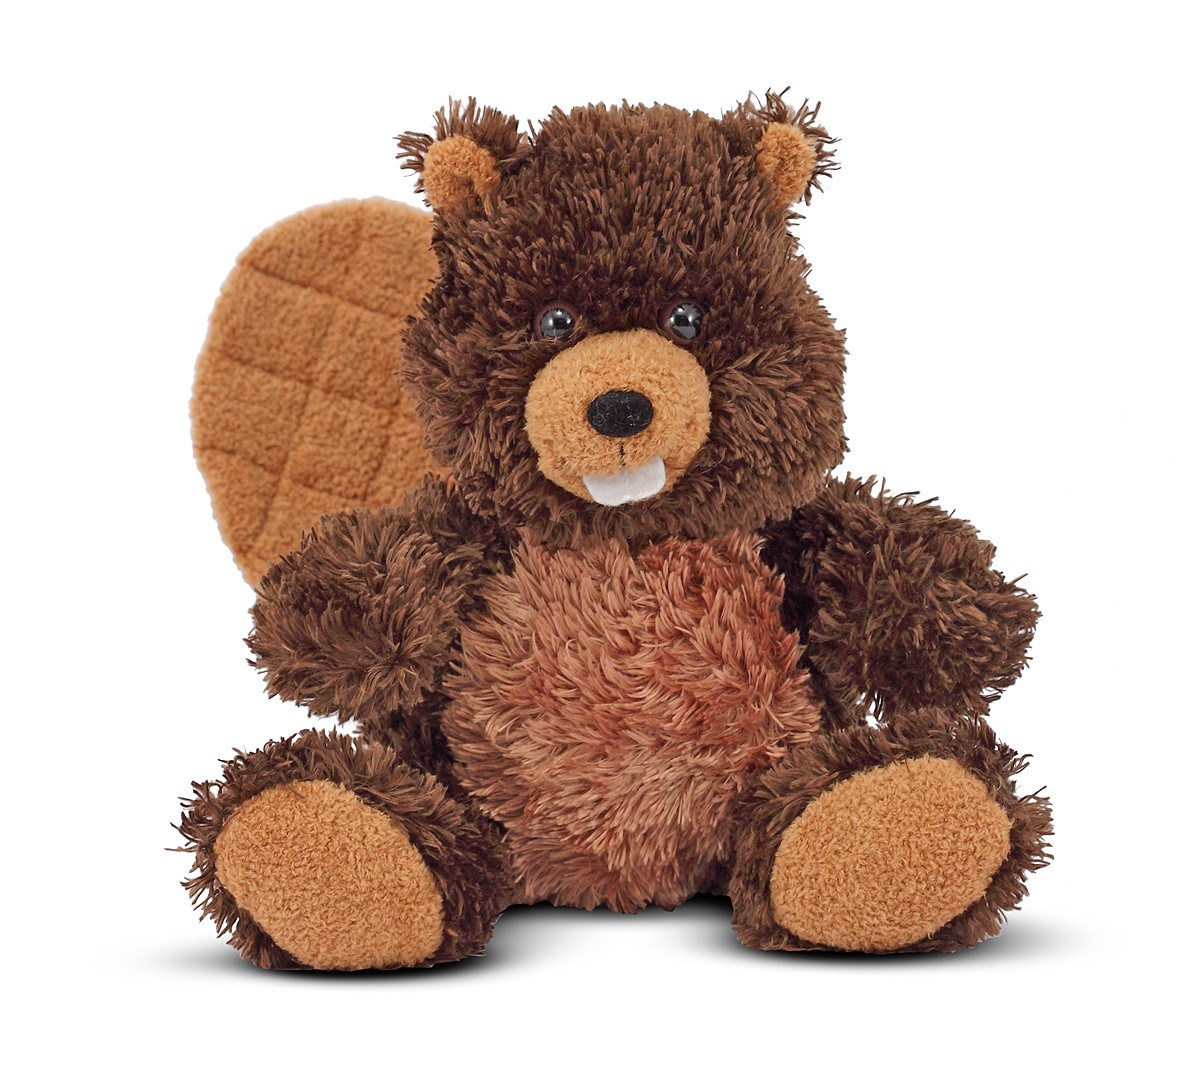 Мягкая игрушка  Бобер - Дикие животные, артикул: 156933